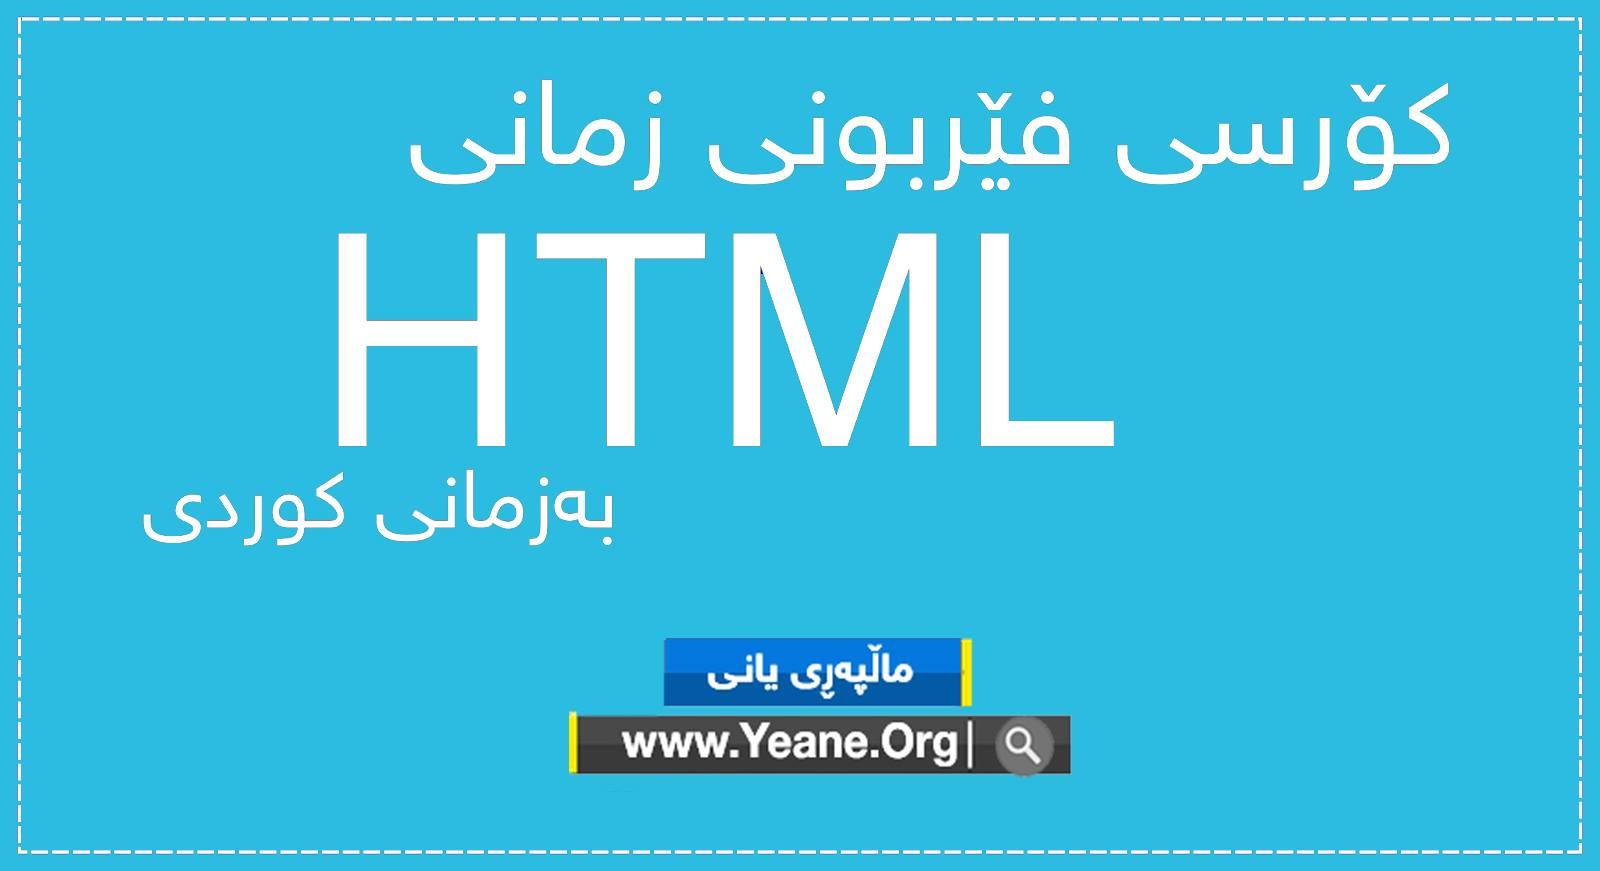 فێركاری وێب دارشتن| چۆنیهتی دروست كردنی وێب سایت به HTML